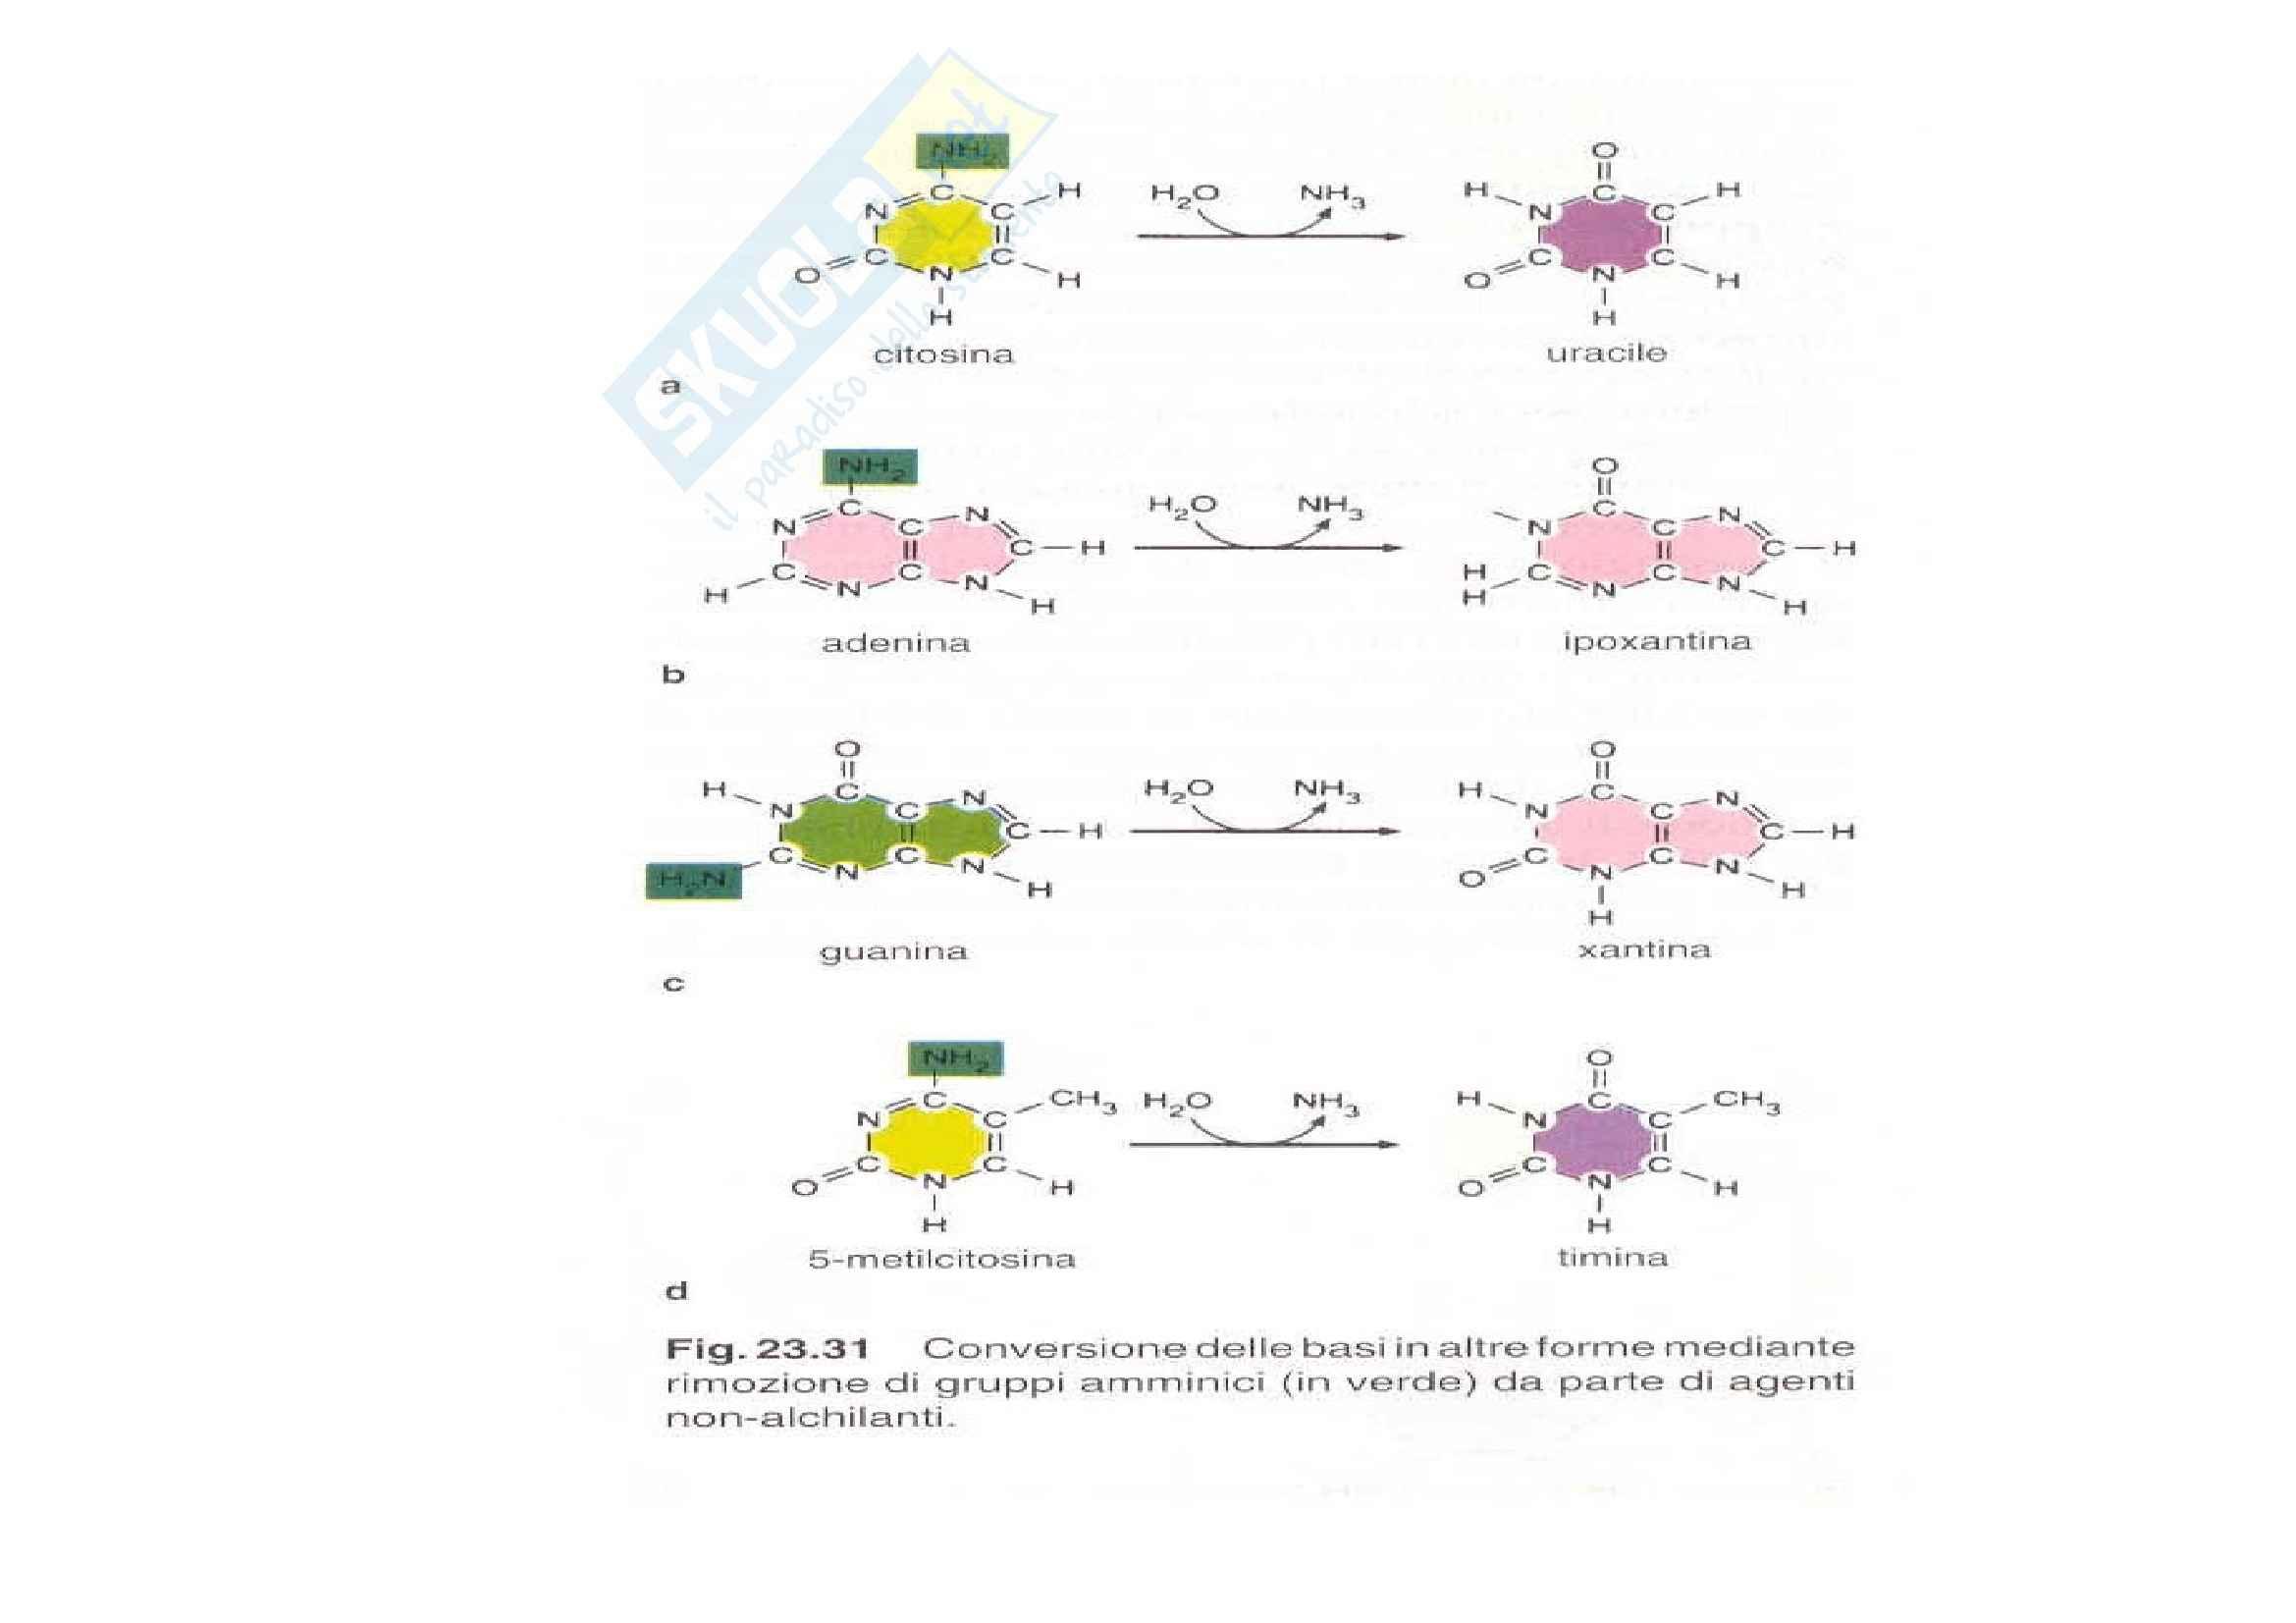 Biologia e genetica - mutazioni genetiche Pag. 31